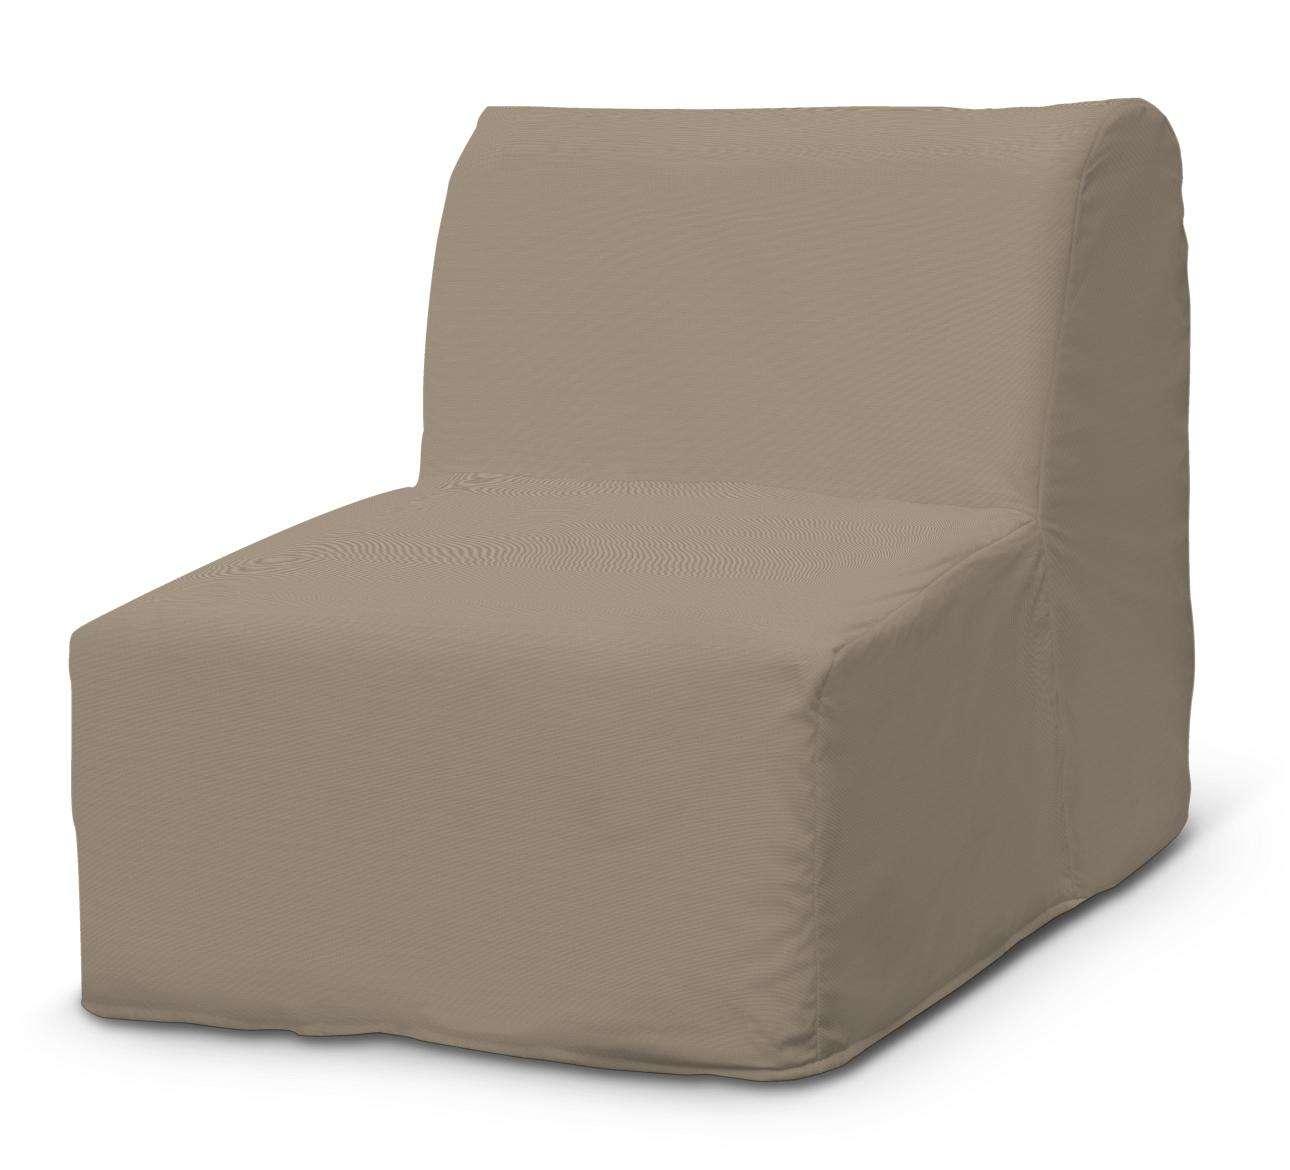 Lycksele fotelio užvalkalas Lycksele fotelis kolekcijoje Cotton Panama, audinys: 702-28